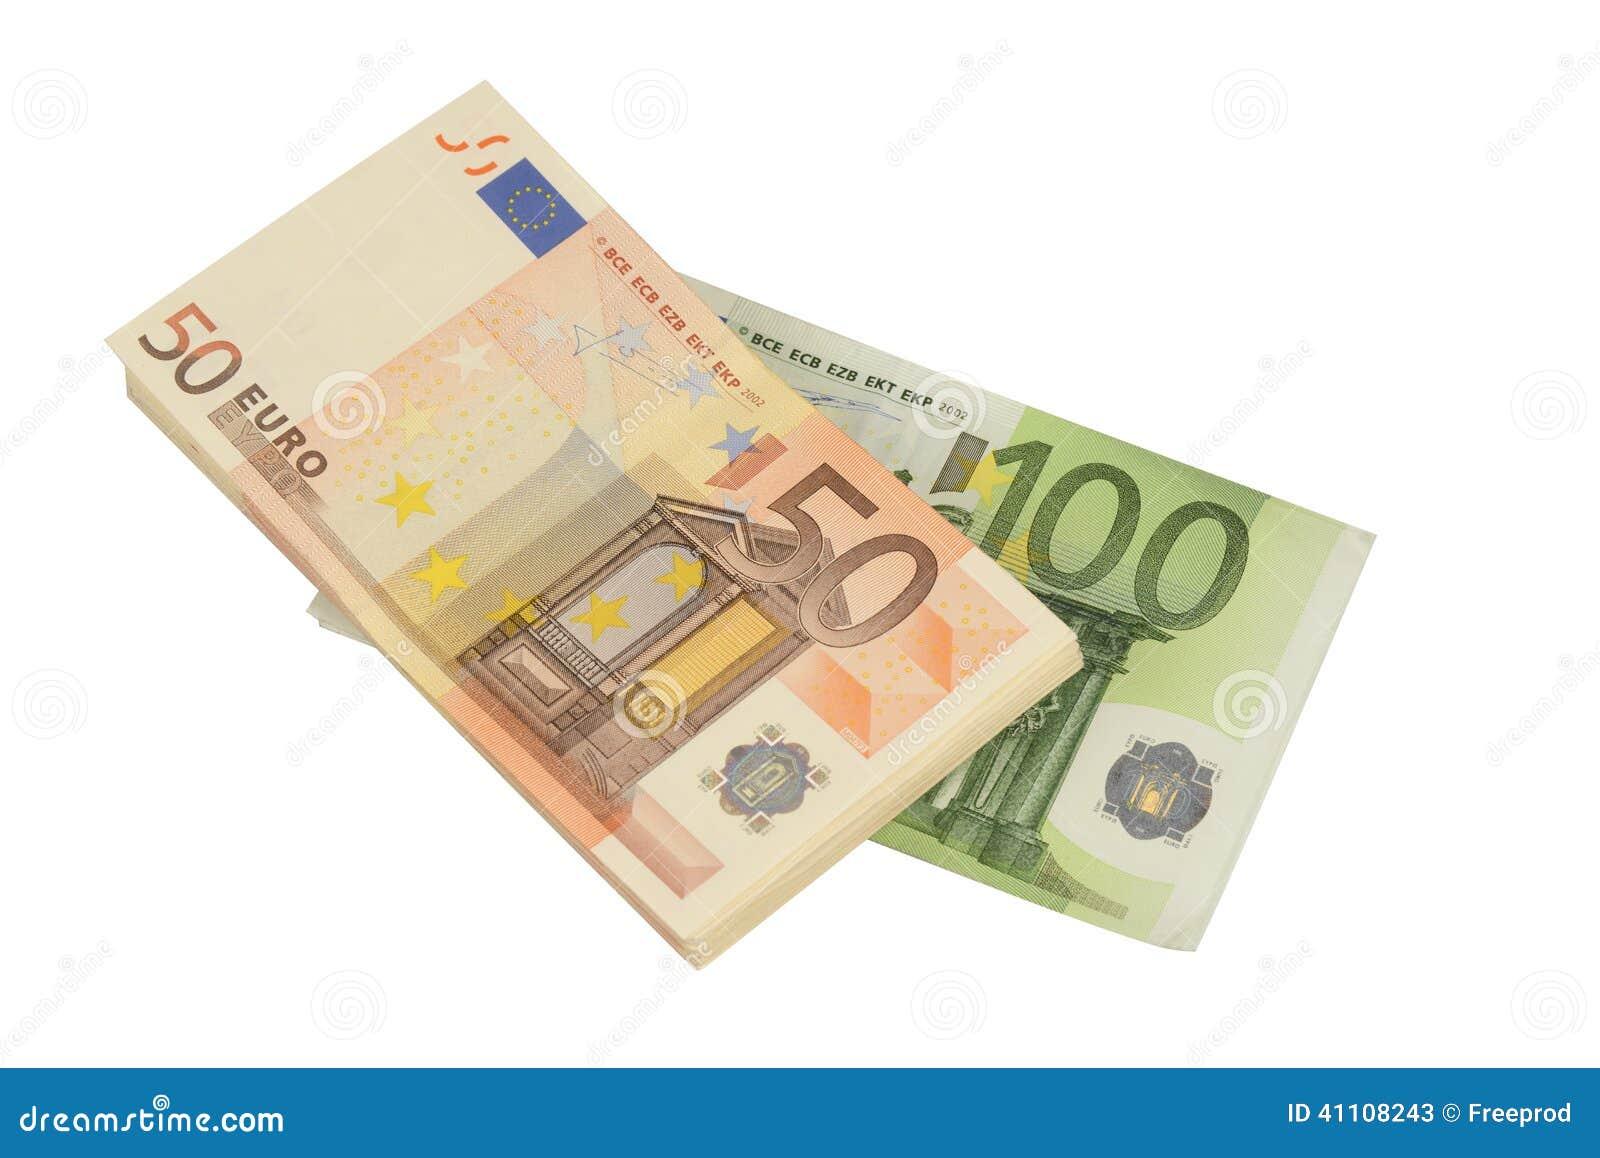 vinnaren av hockeyallsvenskan pris pengar